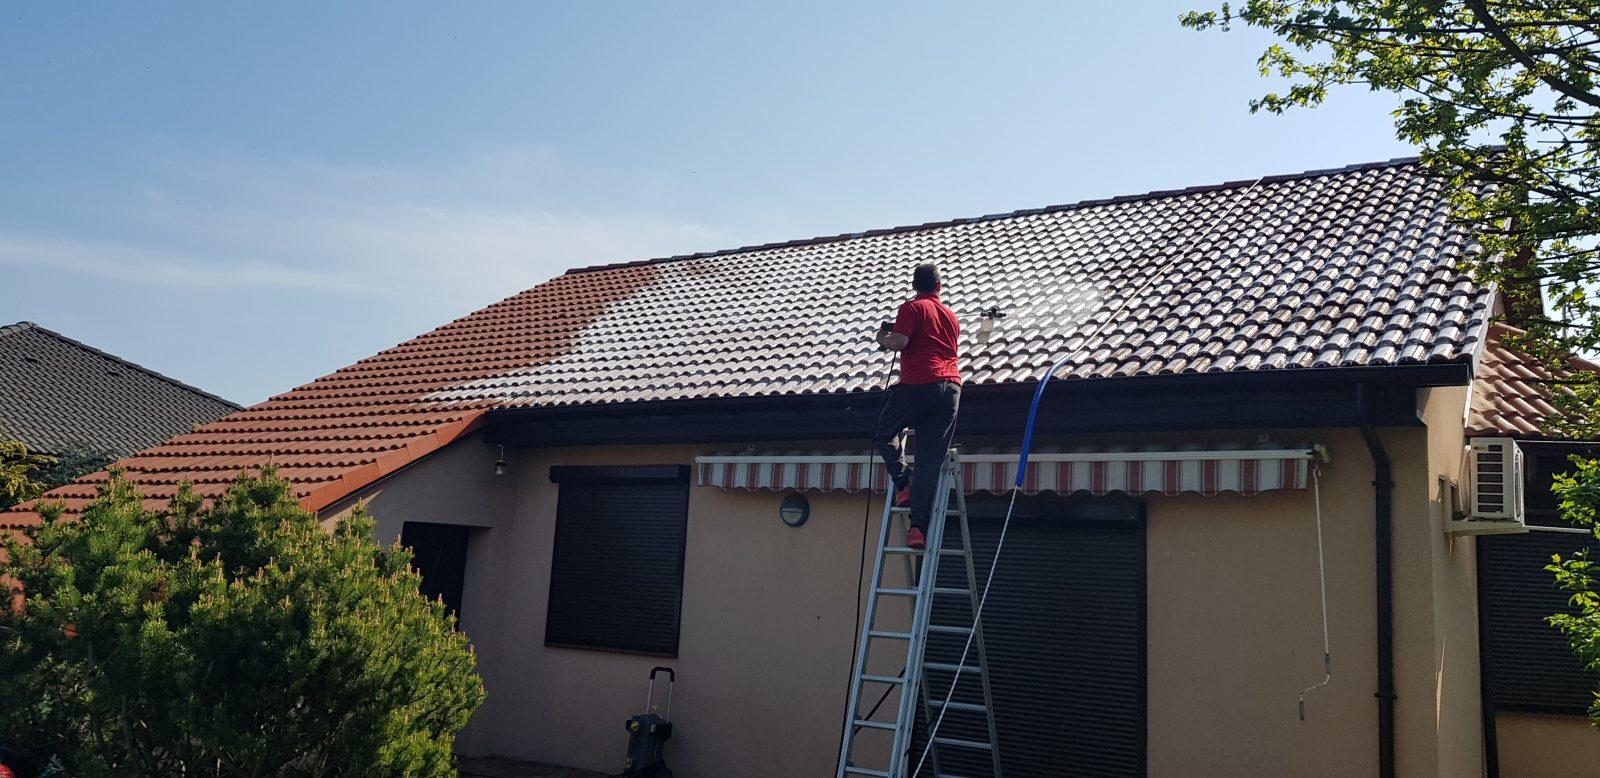 mycie i czyszczenie dachu